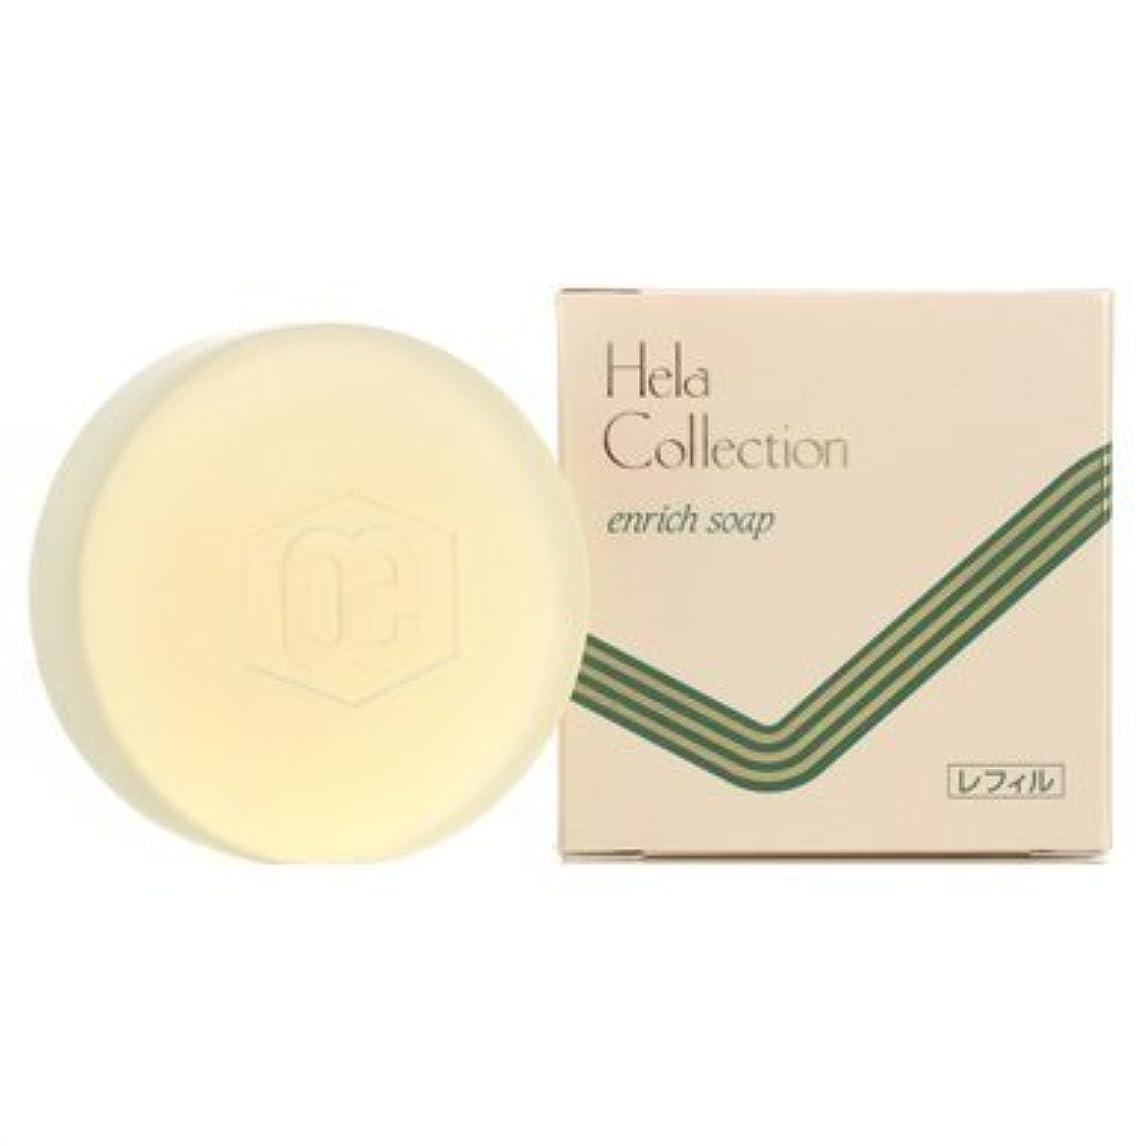 受け継ぐ伝染性エトナ山大高酵素 エンリッチシリーズ エンリッチソープ(化粧洗顔石けん) レフィル100g